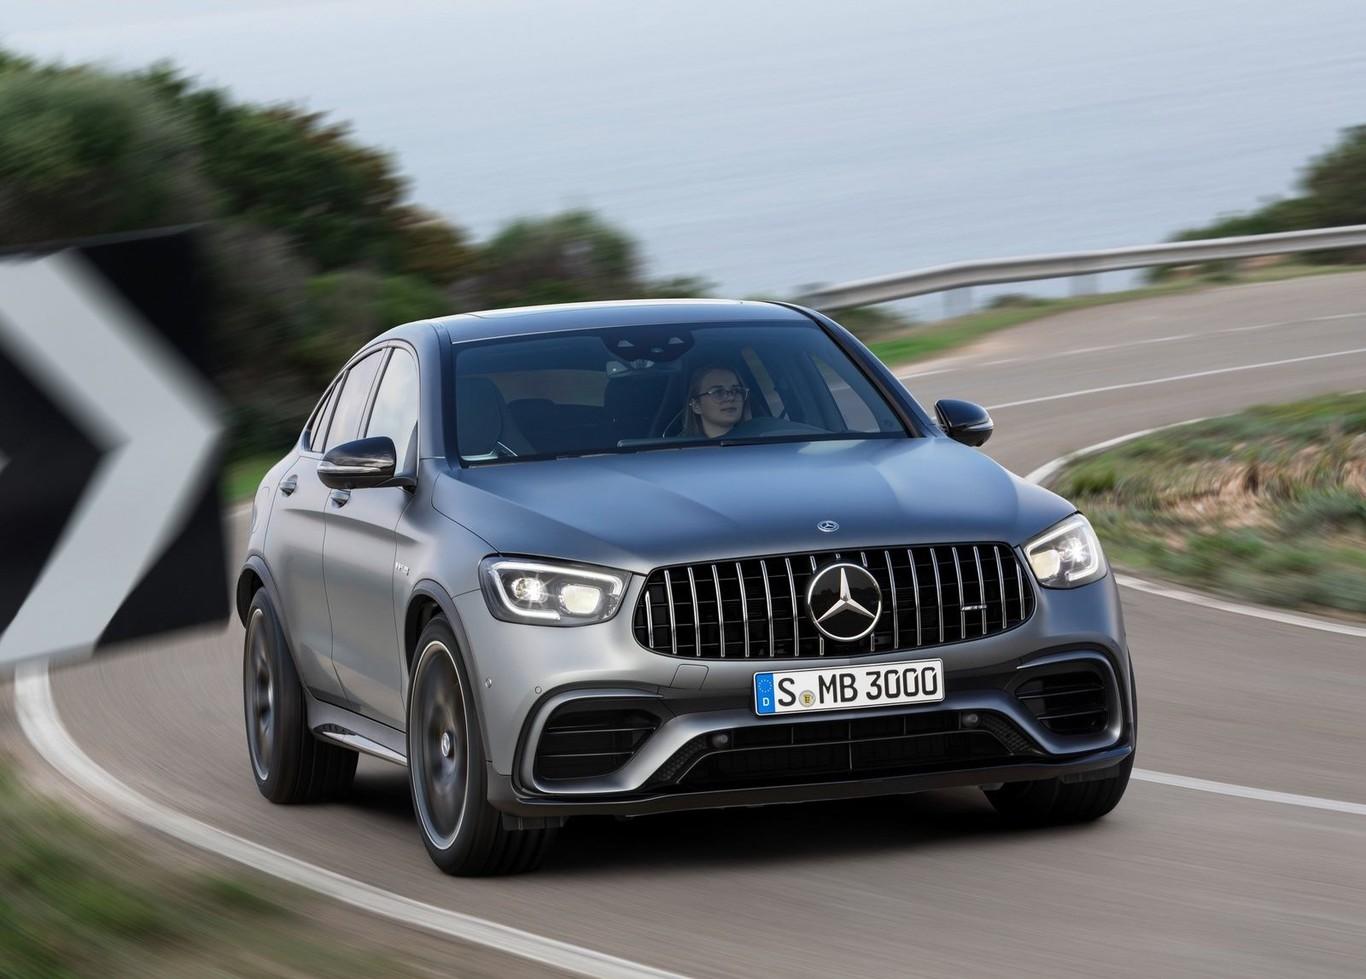 Mercedes-AMG GLC 63 y GLC 63 Coupé 4Matic+ 2020: el SUV rey del Nürburgring se pone al día